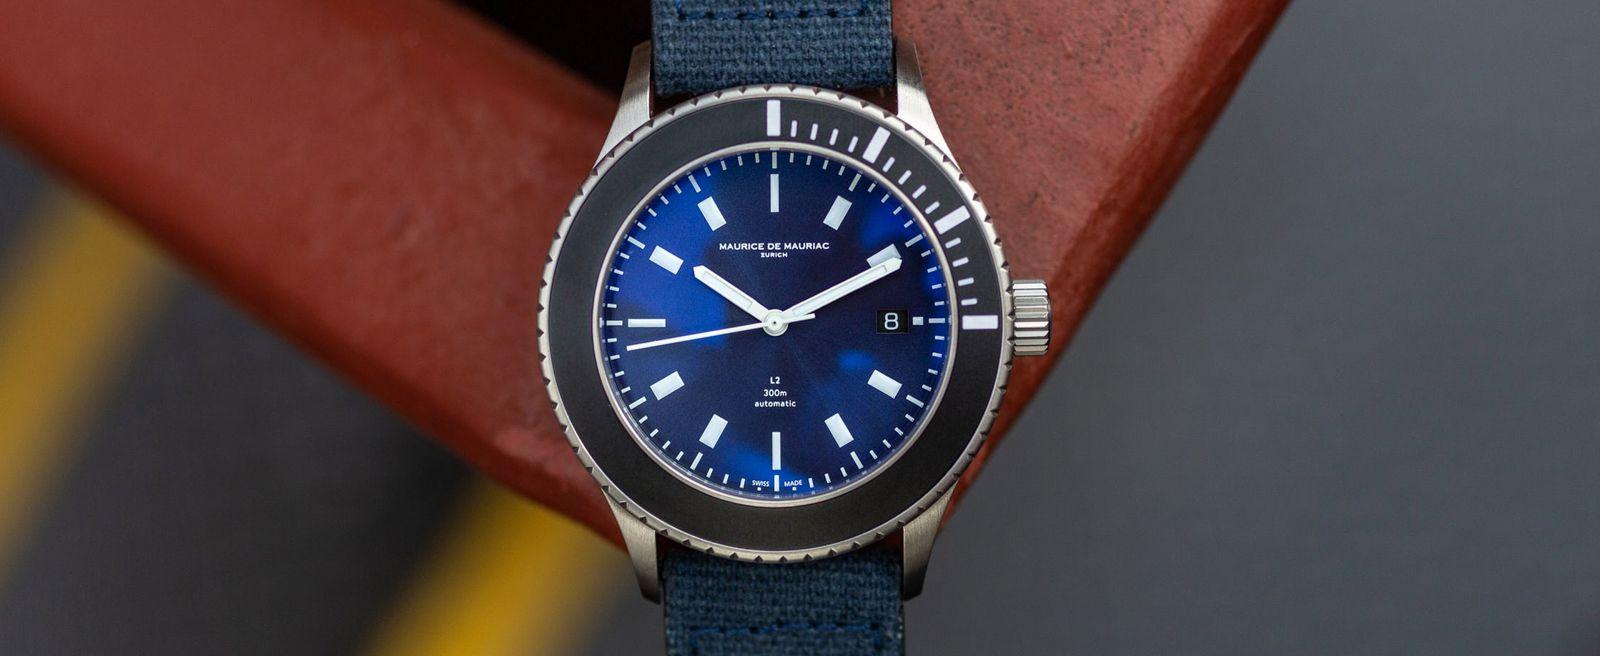 3万块钱以内潜水表的新势力-Maurice De Mauriac L2深蓝色潜水表